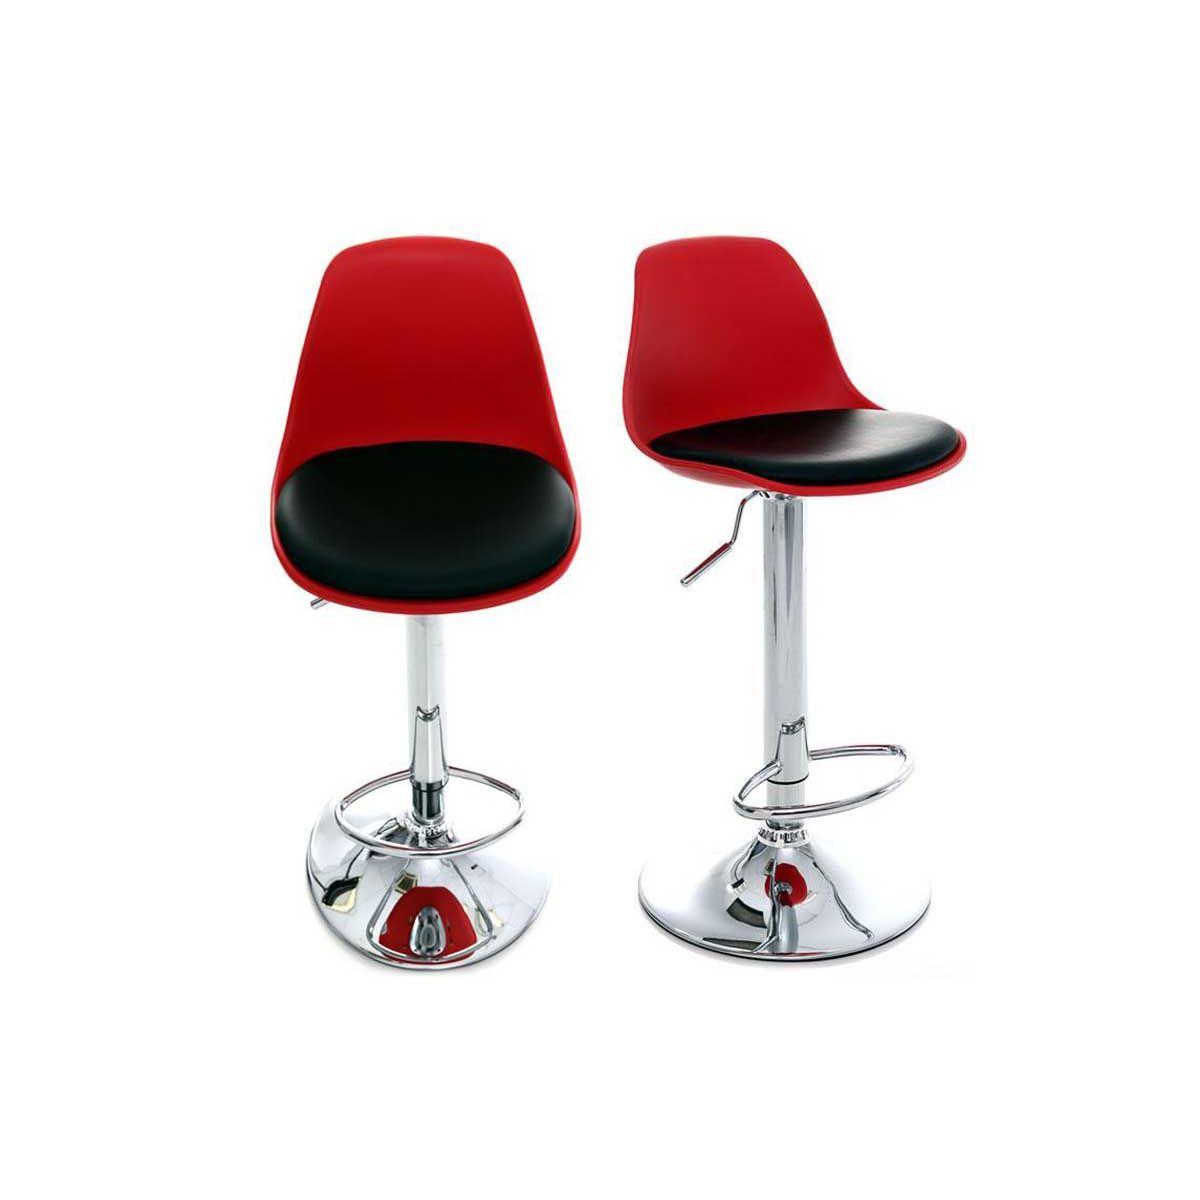 Gruppo di 2 sgabelli da bar design colore rosso e nero STEEVY Sgabelli da bar